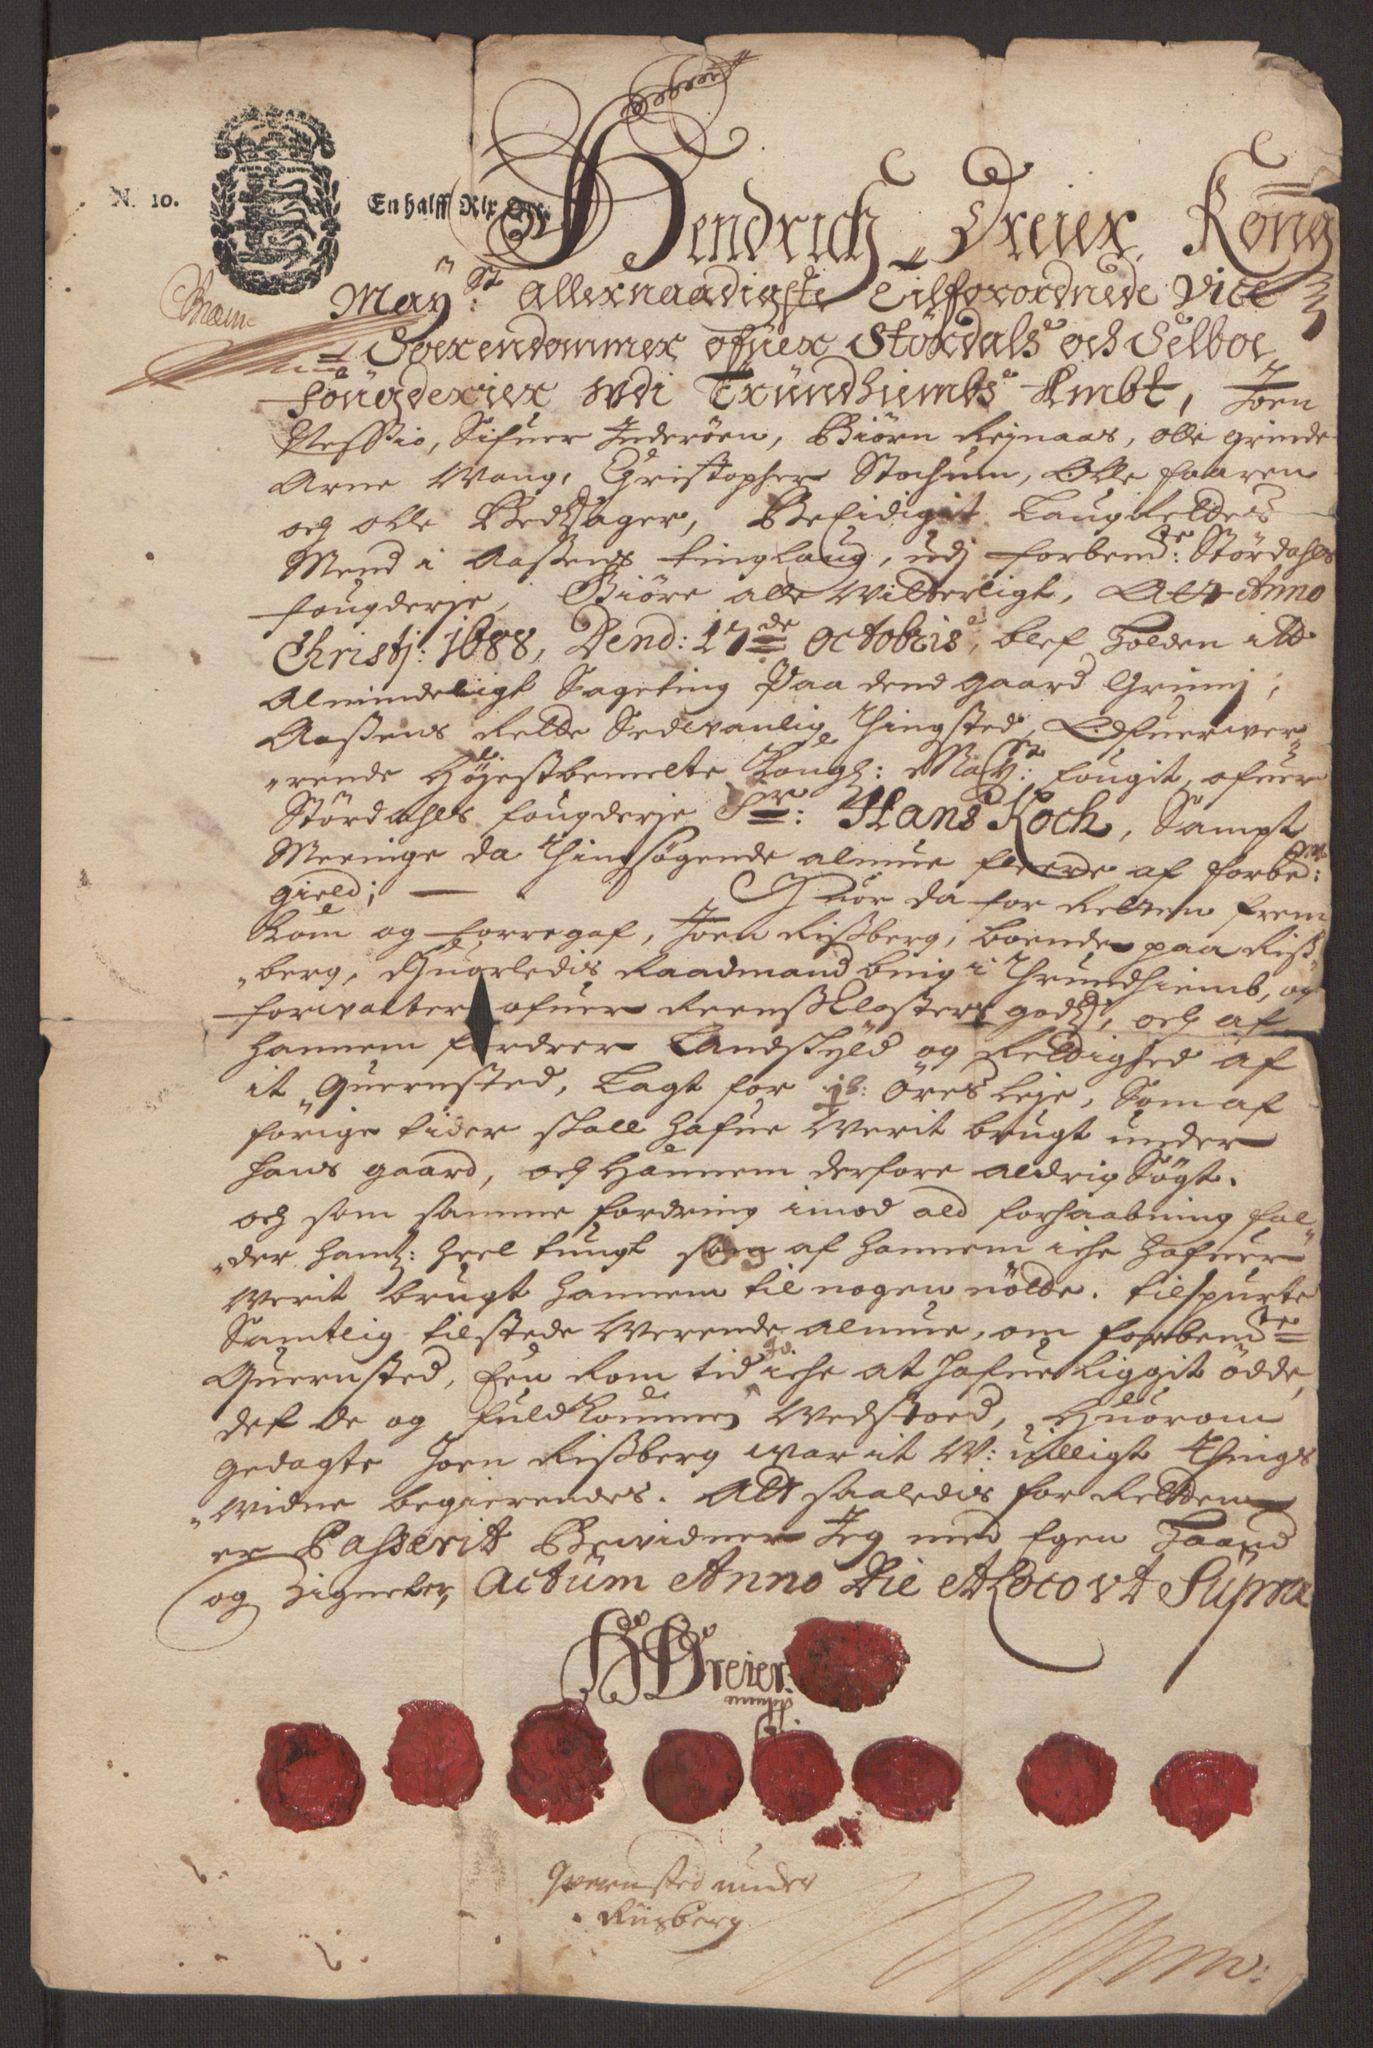 RA, Rentekammeret inntil 1814, Reviderte regnskaper, Fogderegnskap, R62/L4186: Fogderegnskap Stjørdal og Verdal, 1693-1694, s. 274